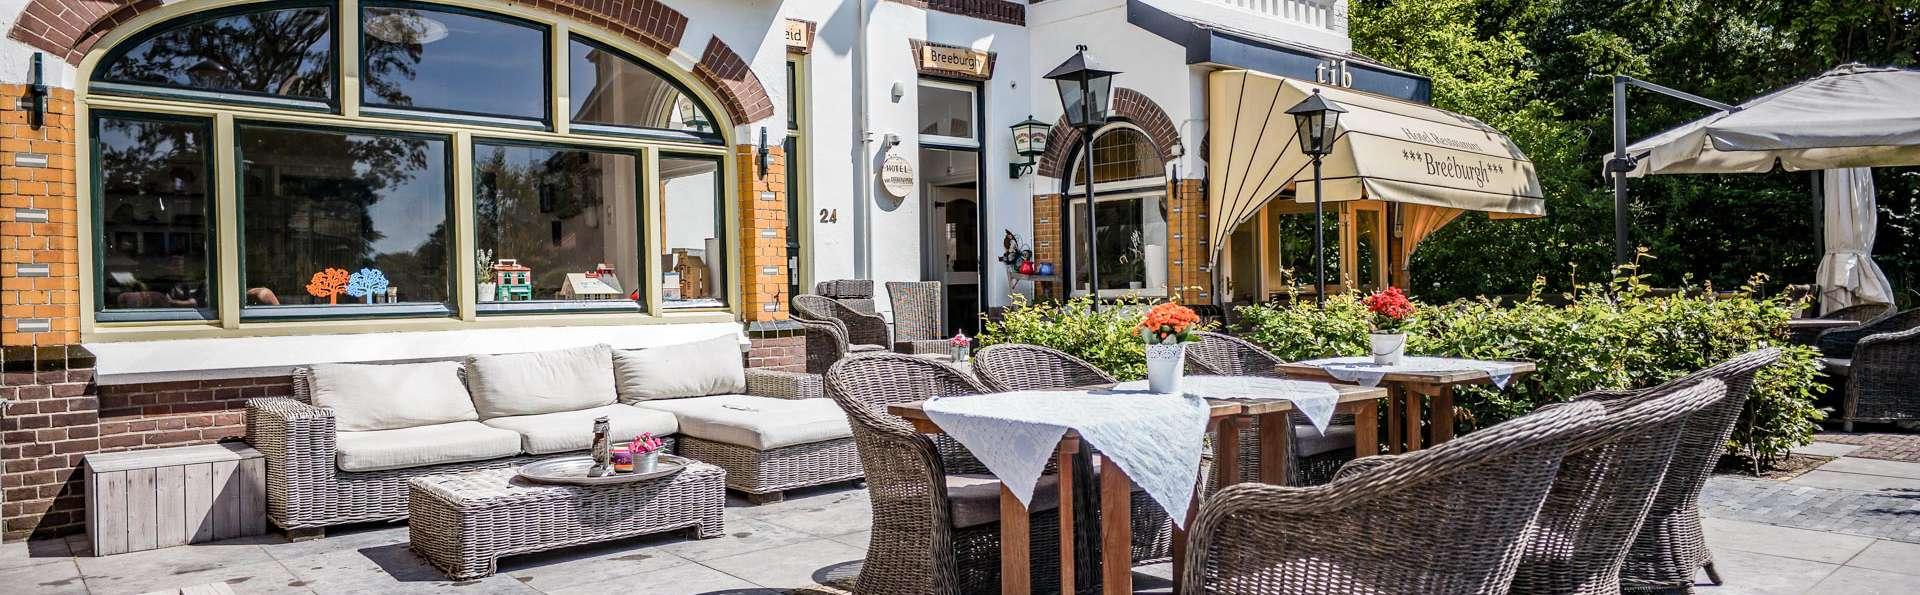 Hotel Heerlijkheid Bergen - EDIT_TERRACE_02.jpg